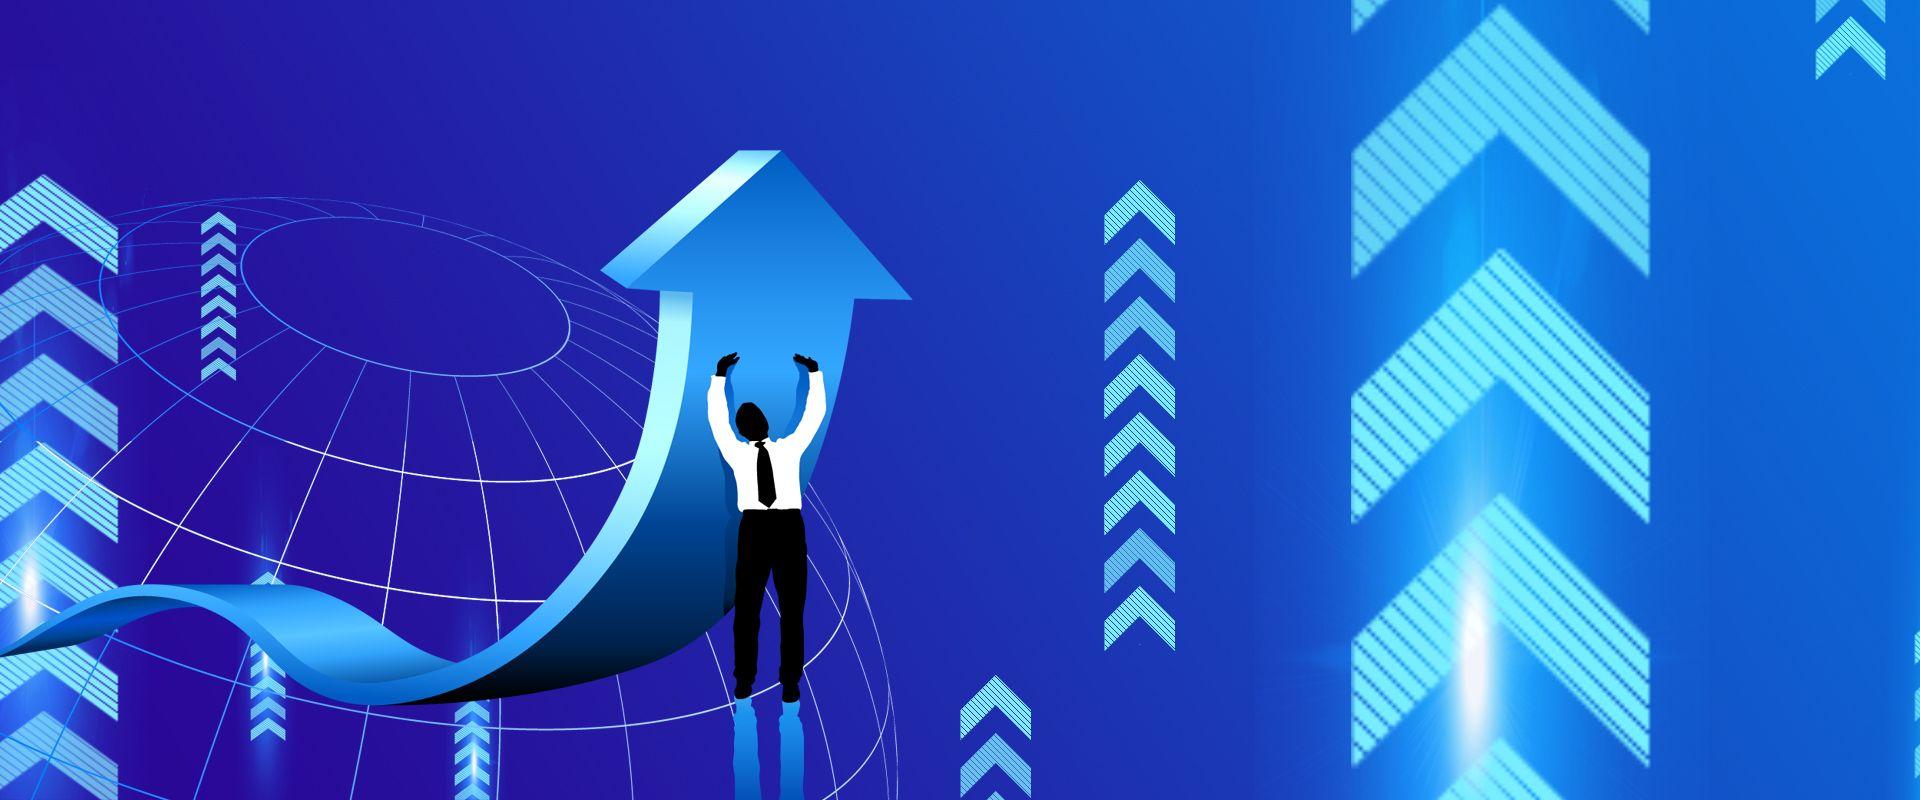 首批科创板潜在公司A股影子股名单曝光,最牛股已连续7个涨停,最受益的是它们?